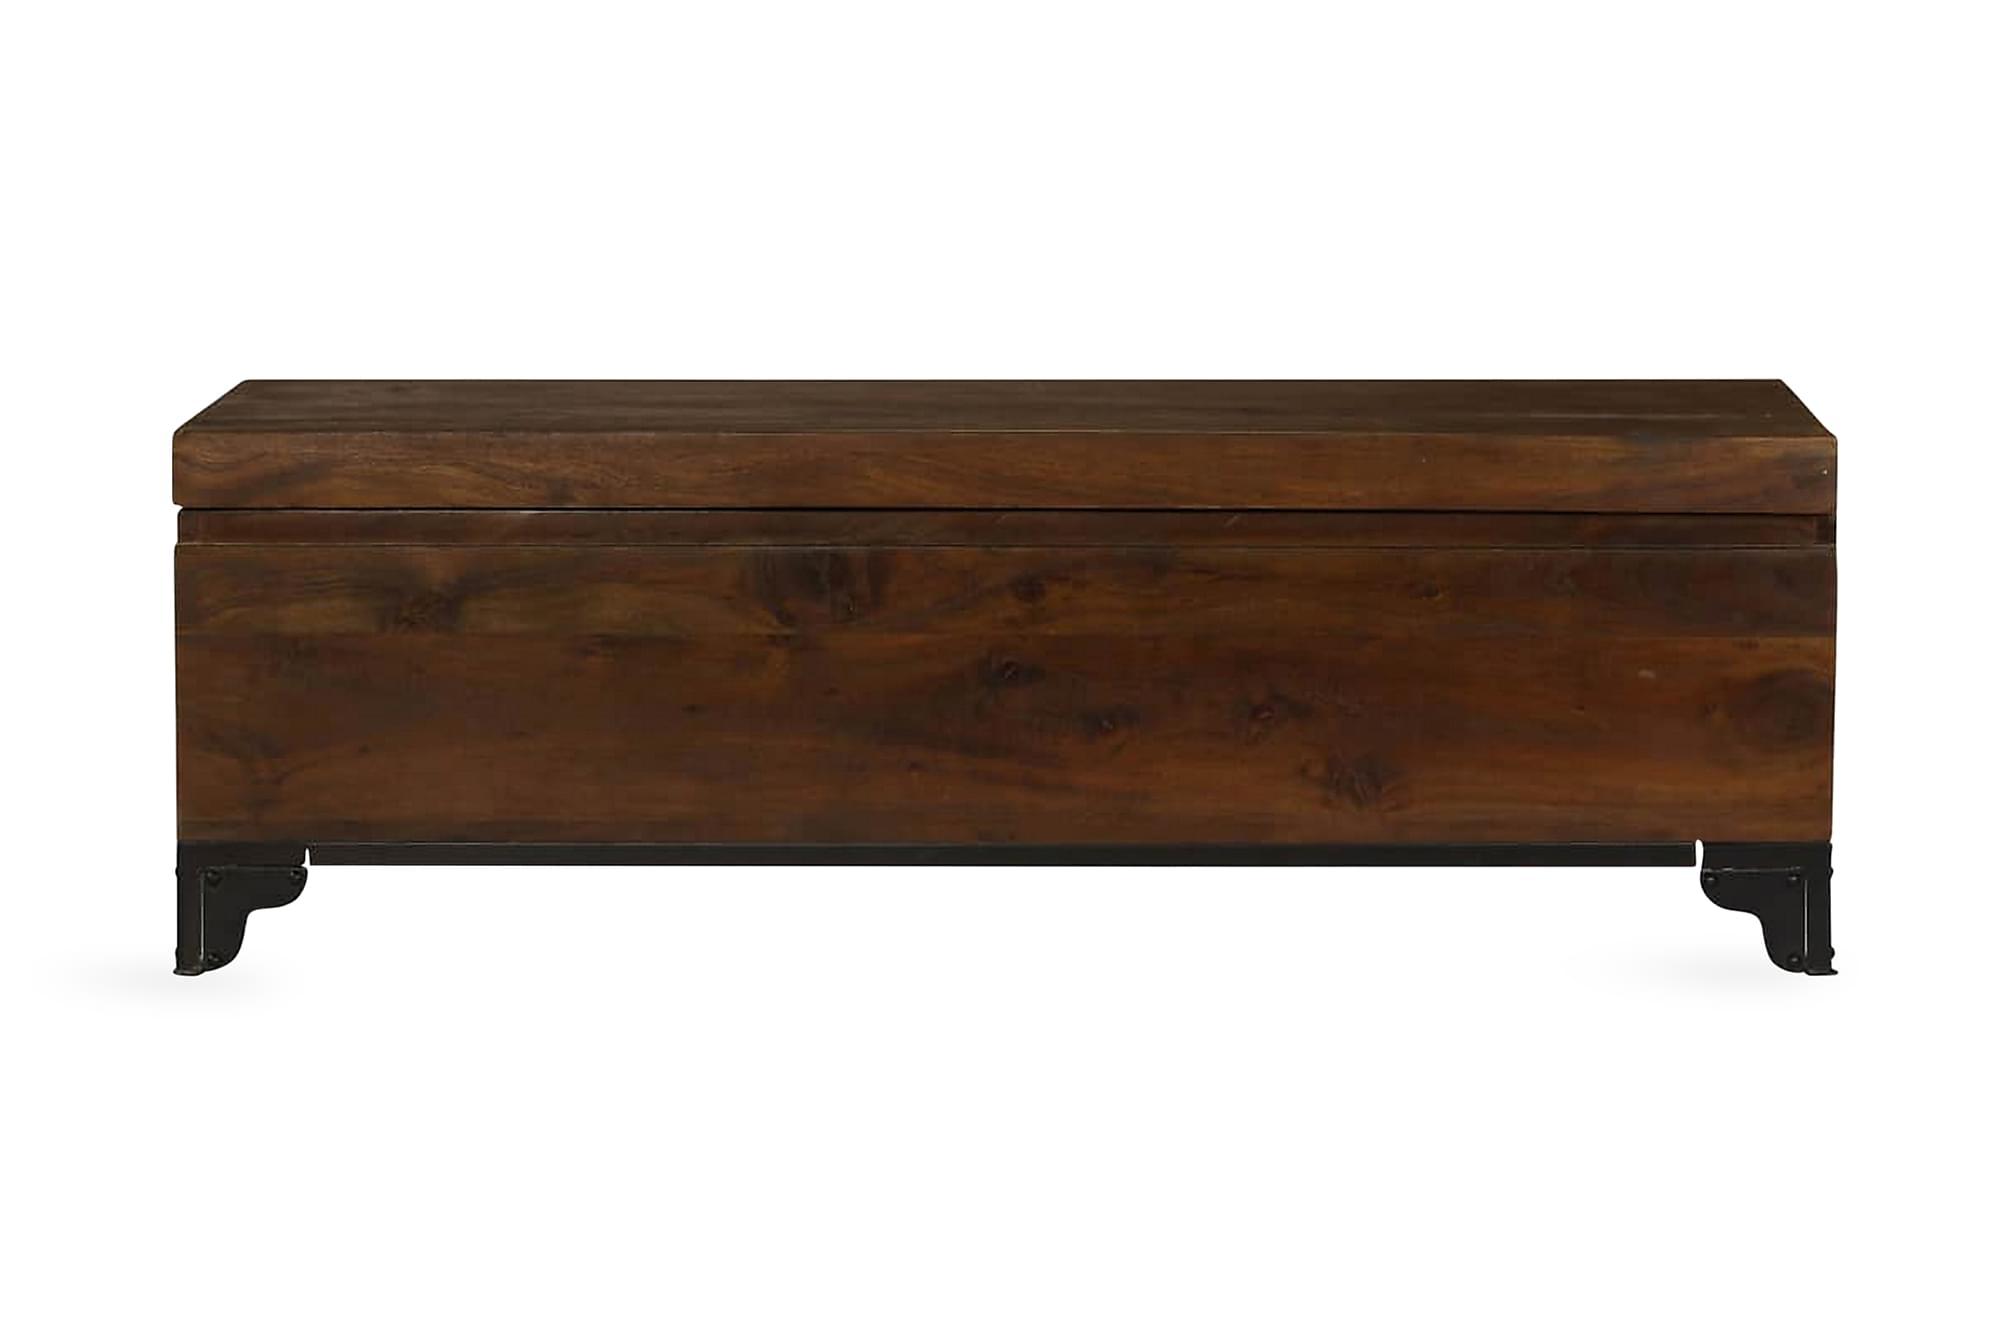 Förvaringskista massivt akaciaträ 120x35x40 cm brun, Förvaringskistor & sängkistor